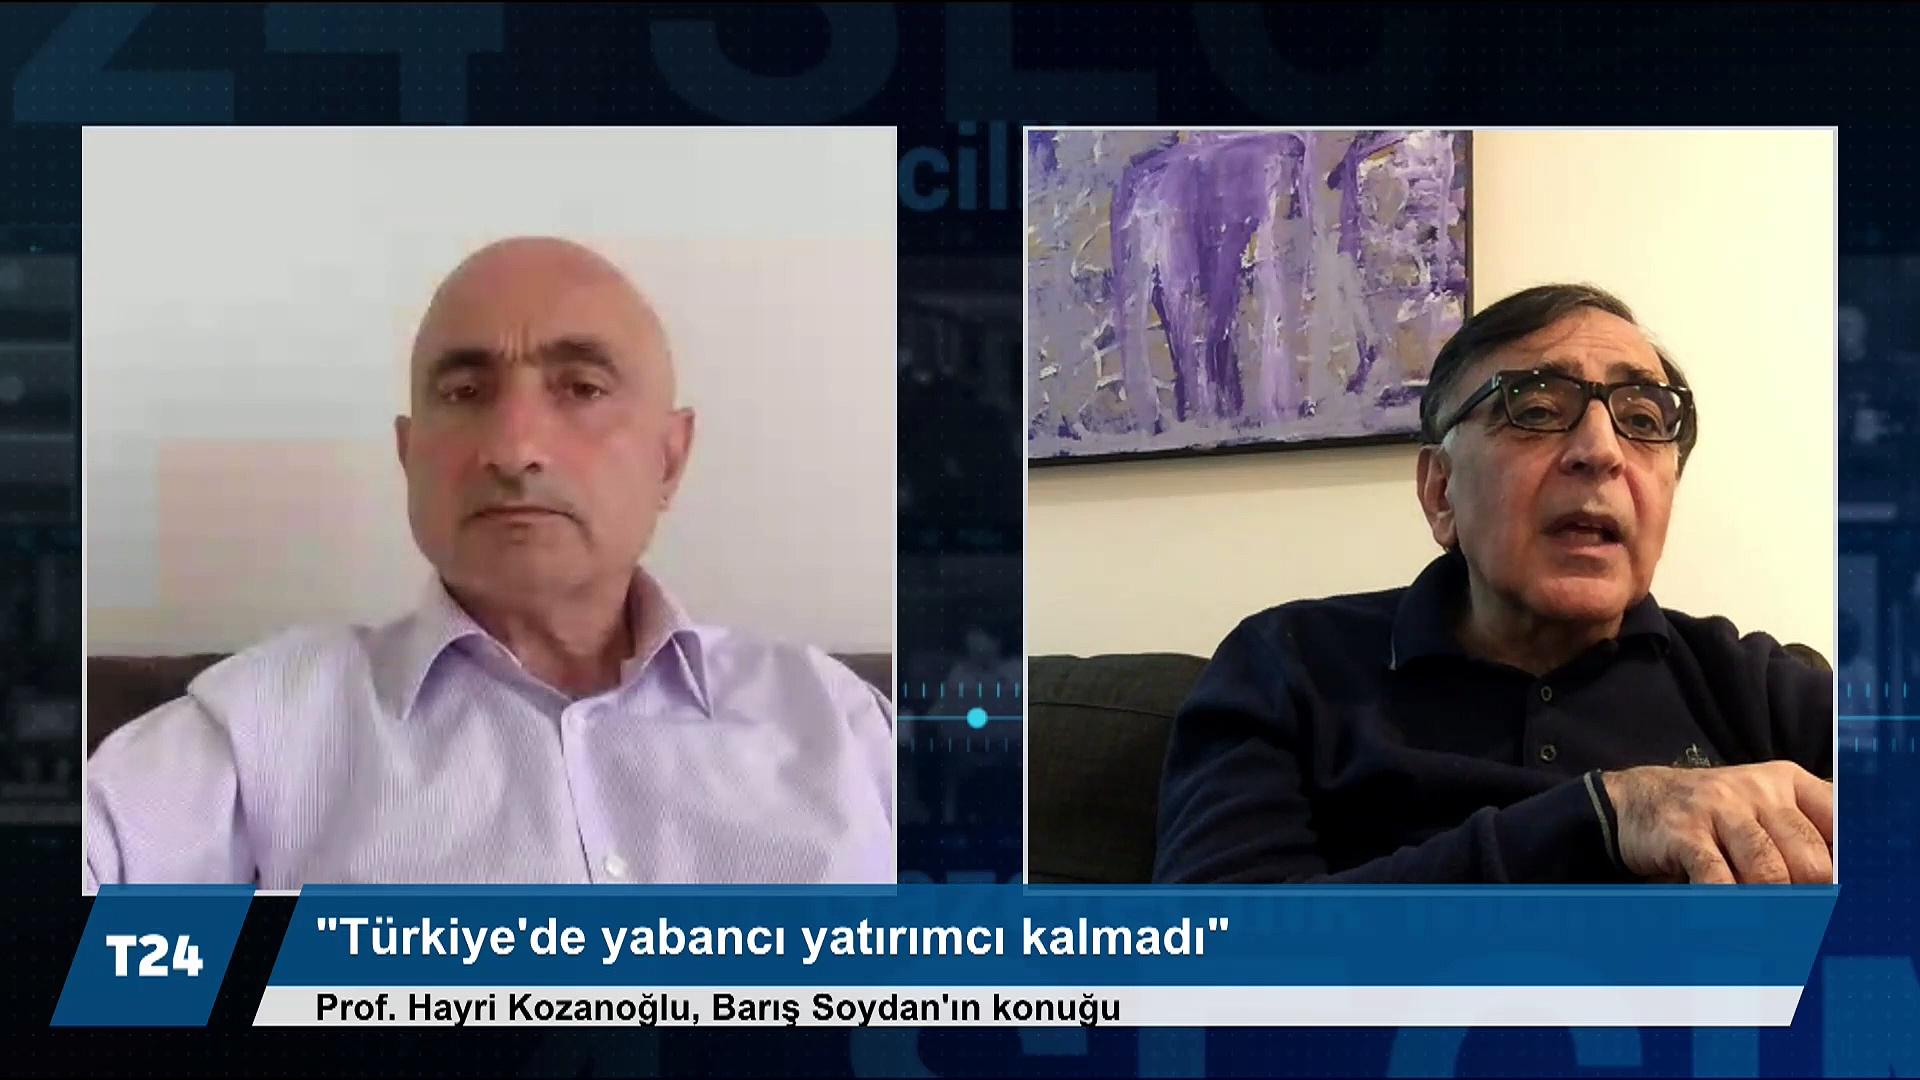 Prof. Hayri Kozanoğlu: İktidara yakın Anadolu şirketleri dövizdeki artıştan çok etkilenmiyor